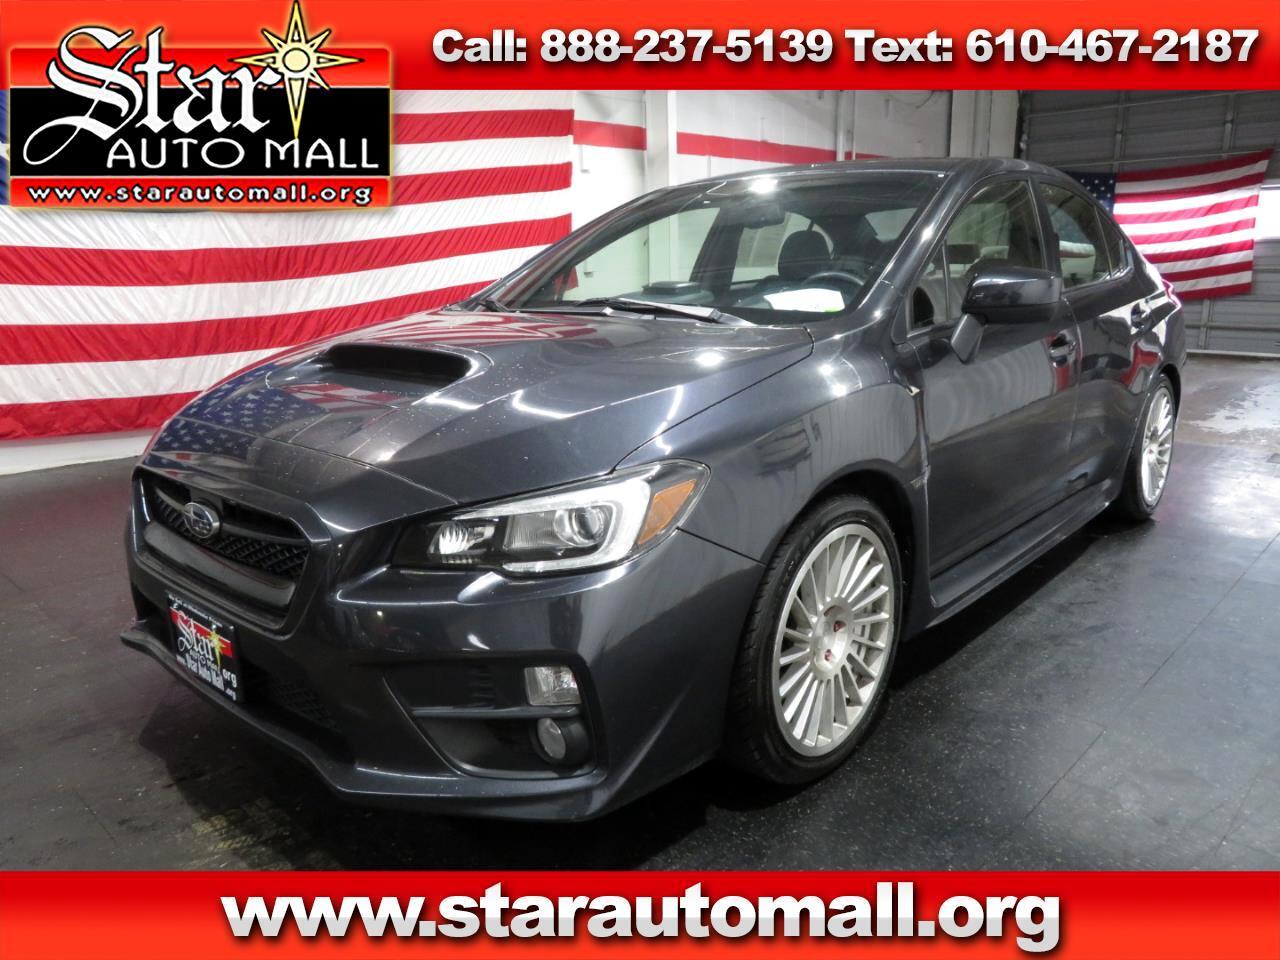 2016 Subaru WRX Limited 4-Door